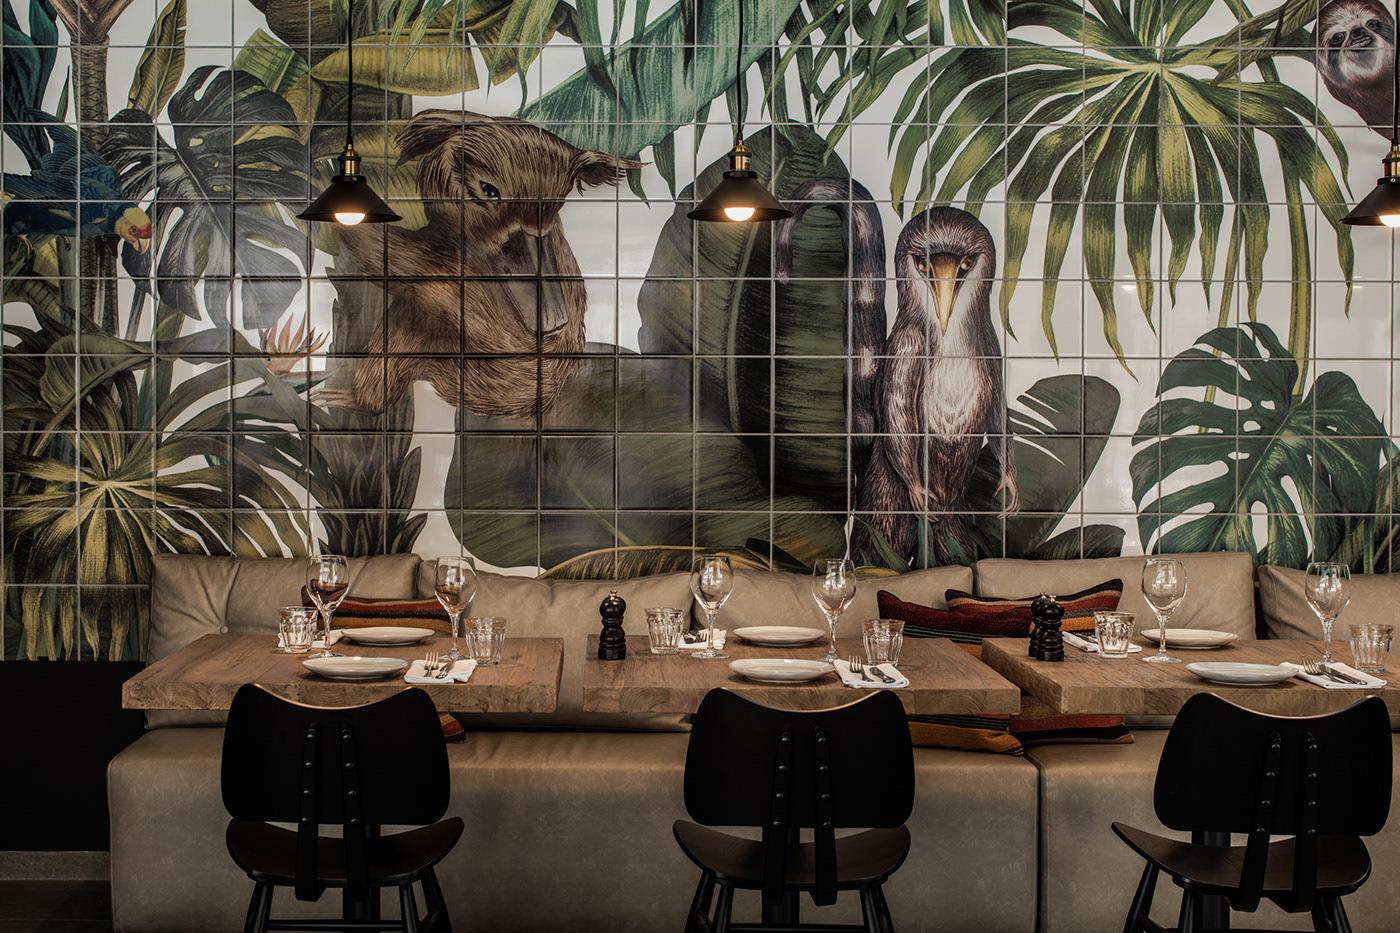 Bức tường làm bằng gạch bông màu, thiết kế riêng cho khách sạn với hình ảnh quen thuộc của lá cọ và các loài động vật hoang dã